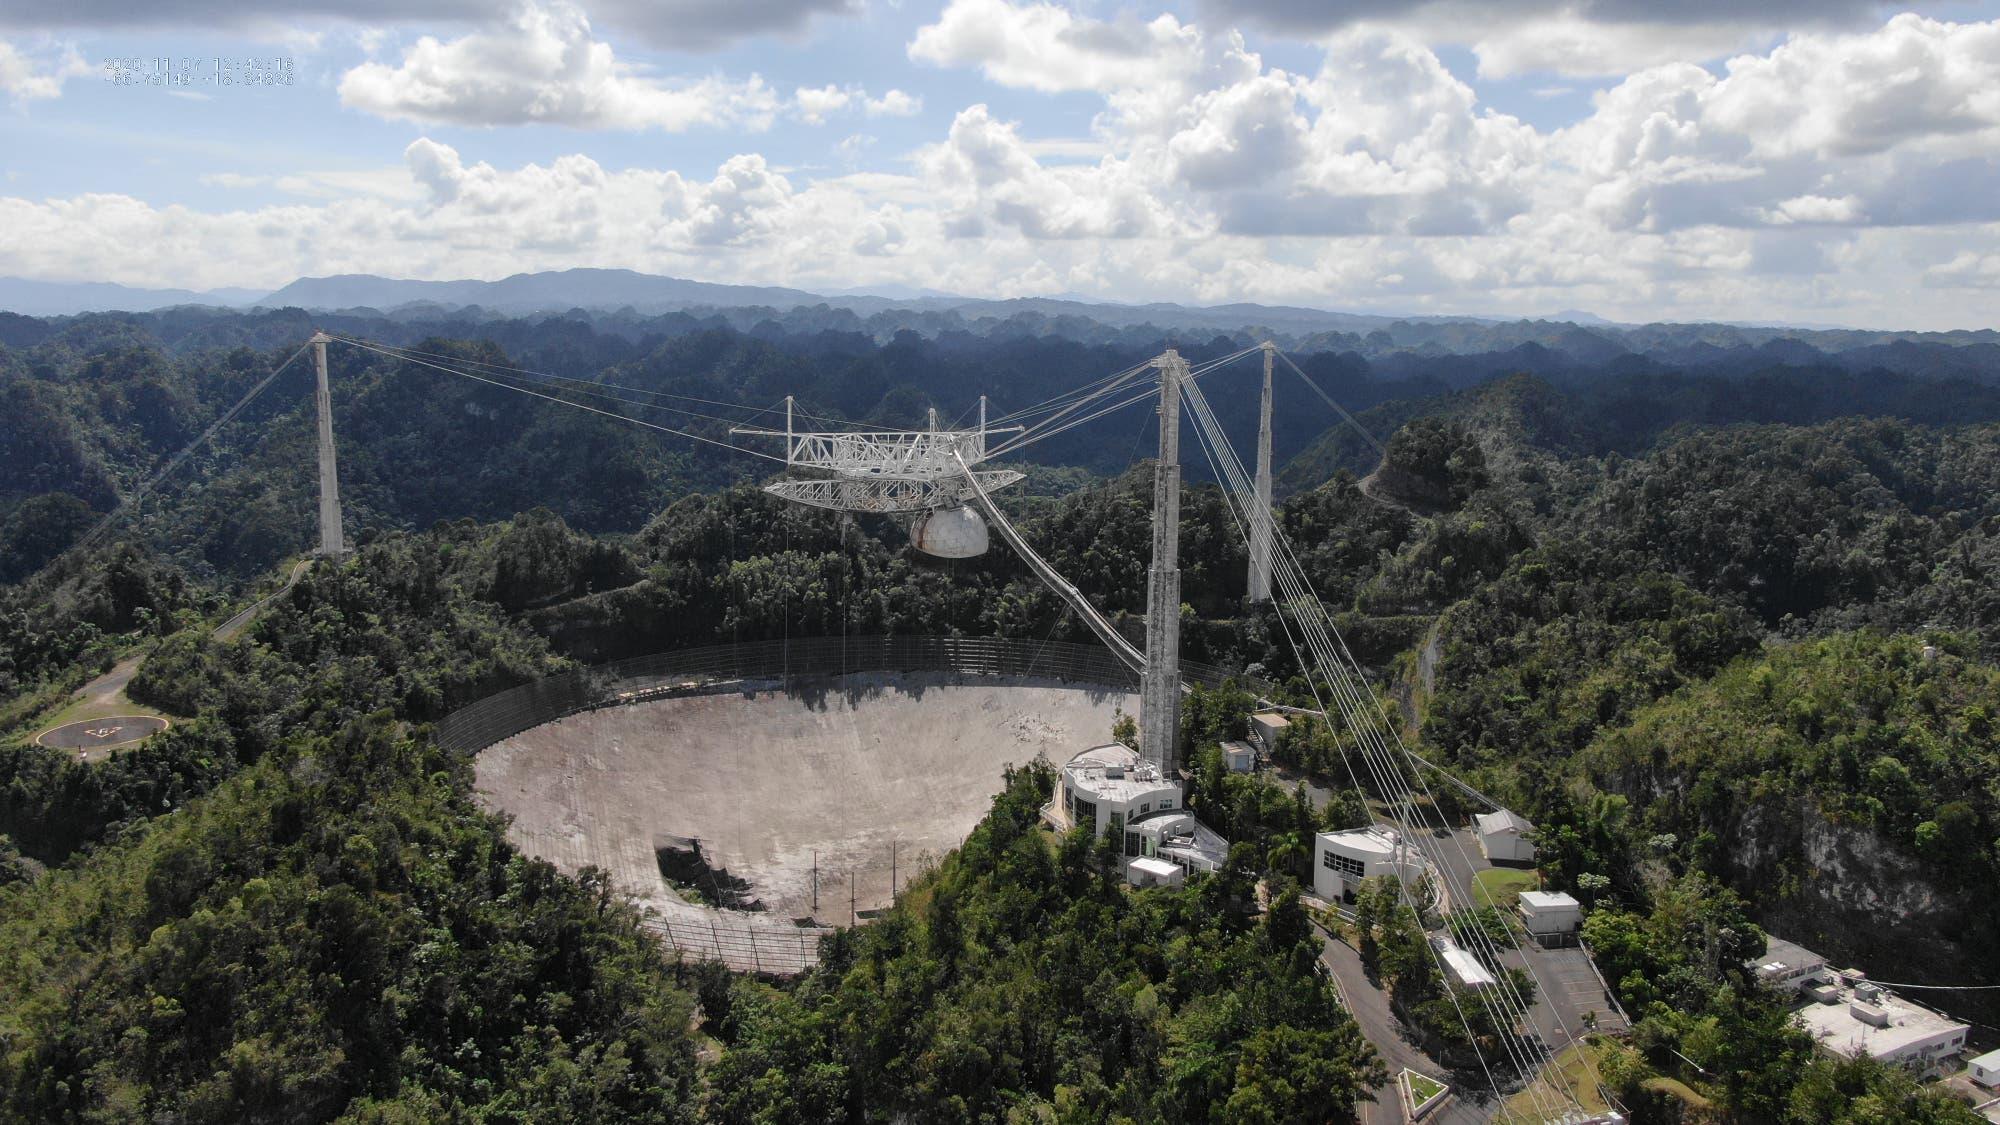 Blick auf das Arecibo-Teleskop mit Schaden im November 2020.